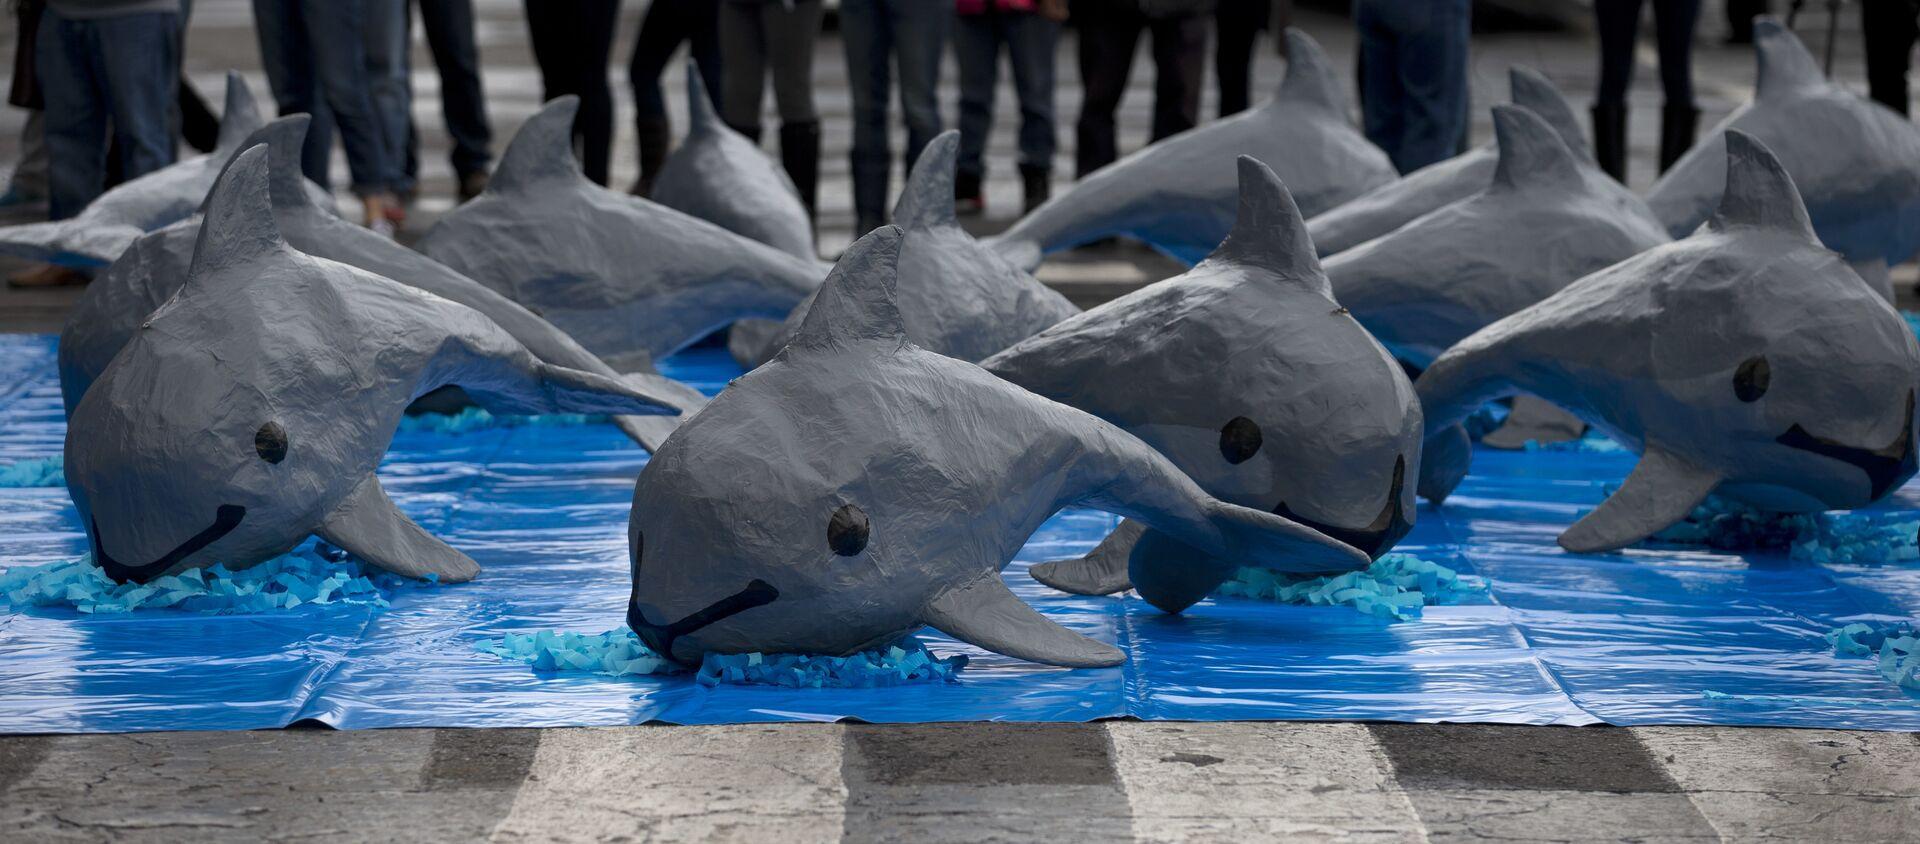 Una intervención de WWF por la vaquita marina - Sputnik Mundo, 1920, 29.03.2019